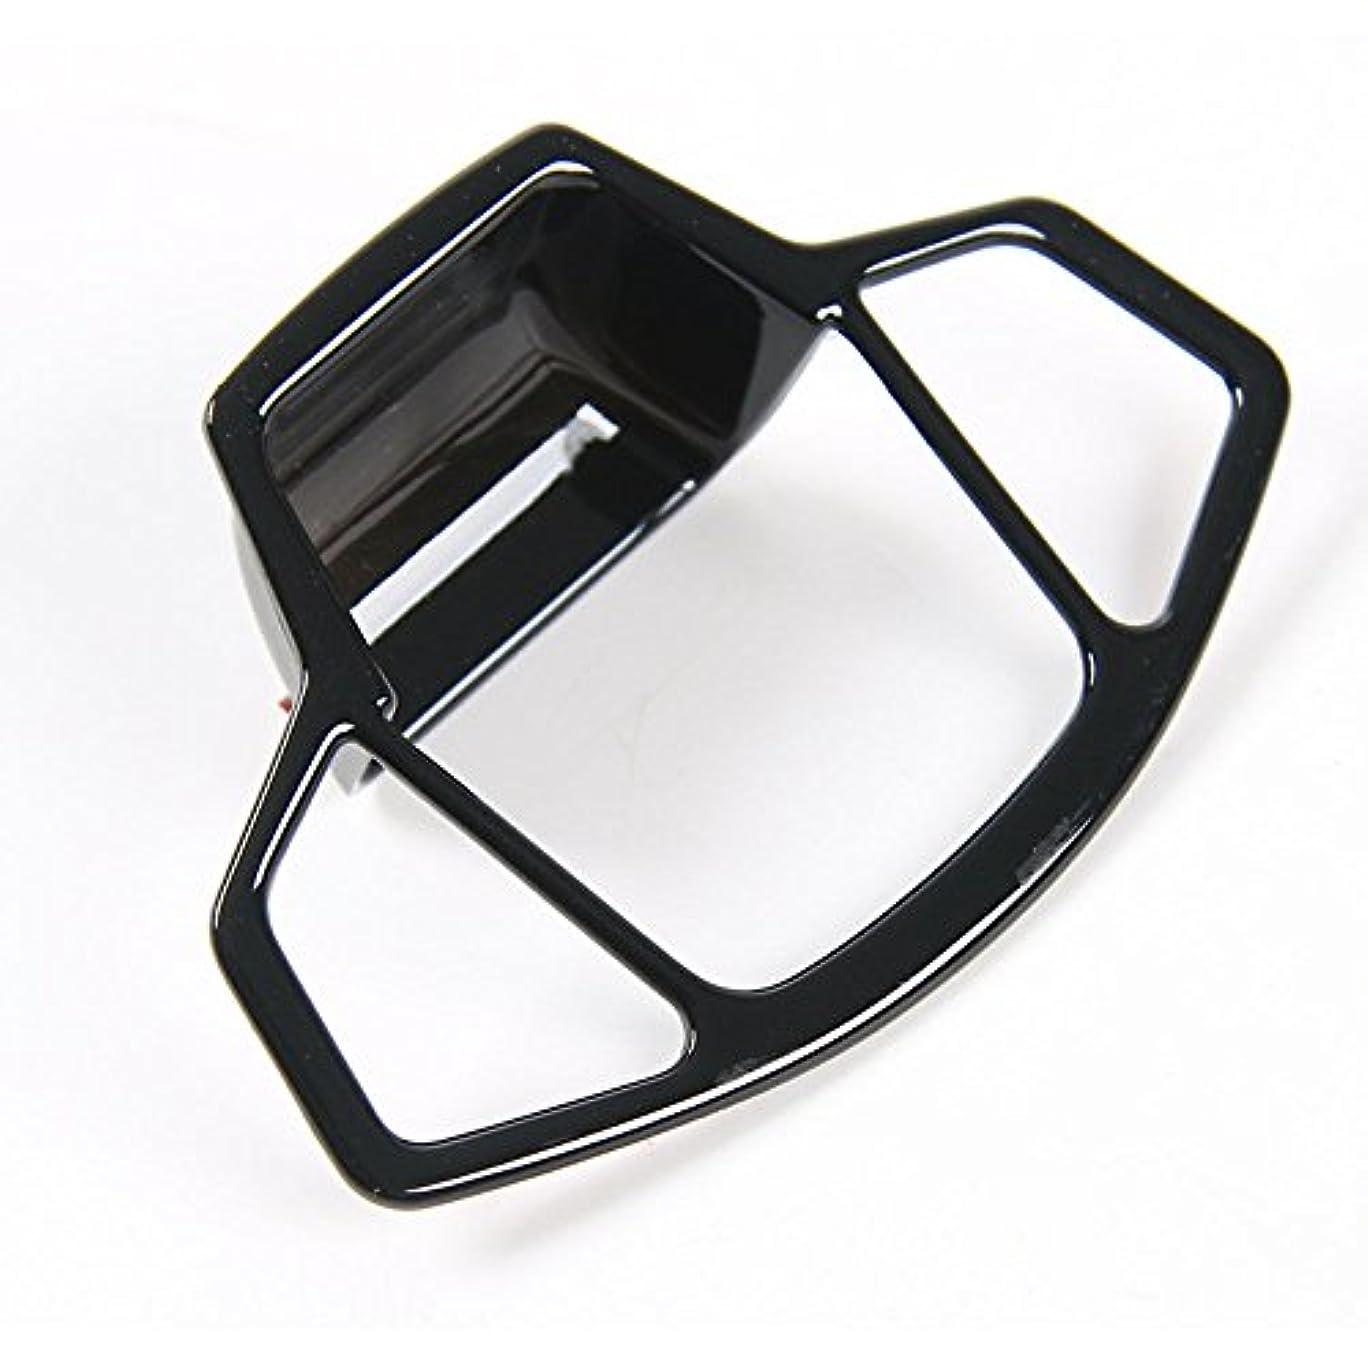 追放驚いた要旨Jicorzo - Car Electronic Handbrake Parking Button Cover Trim Black For Jeep COMPASS 2017-2018 Car Interior Accessories Styling